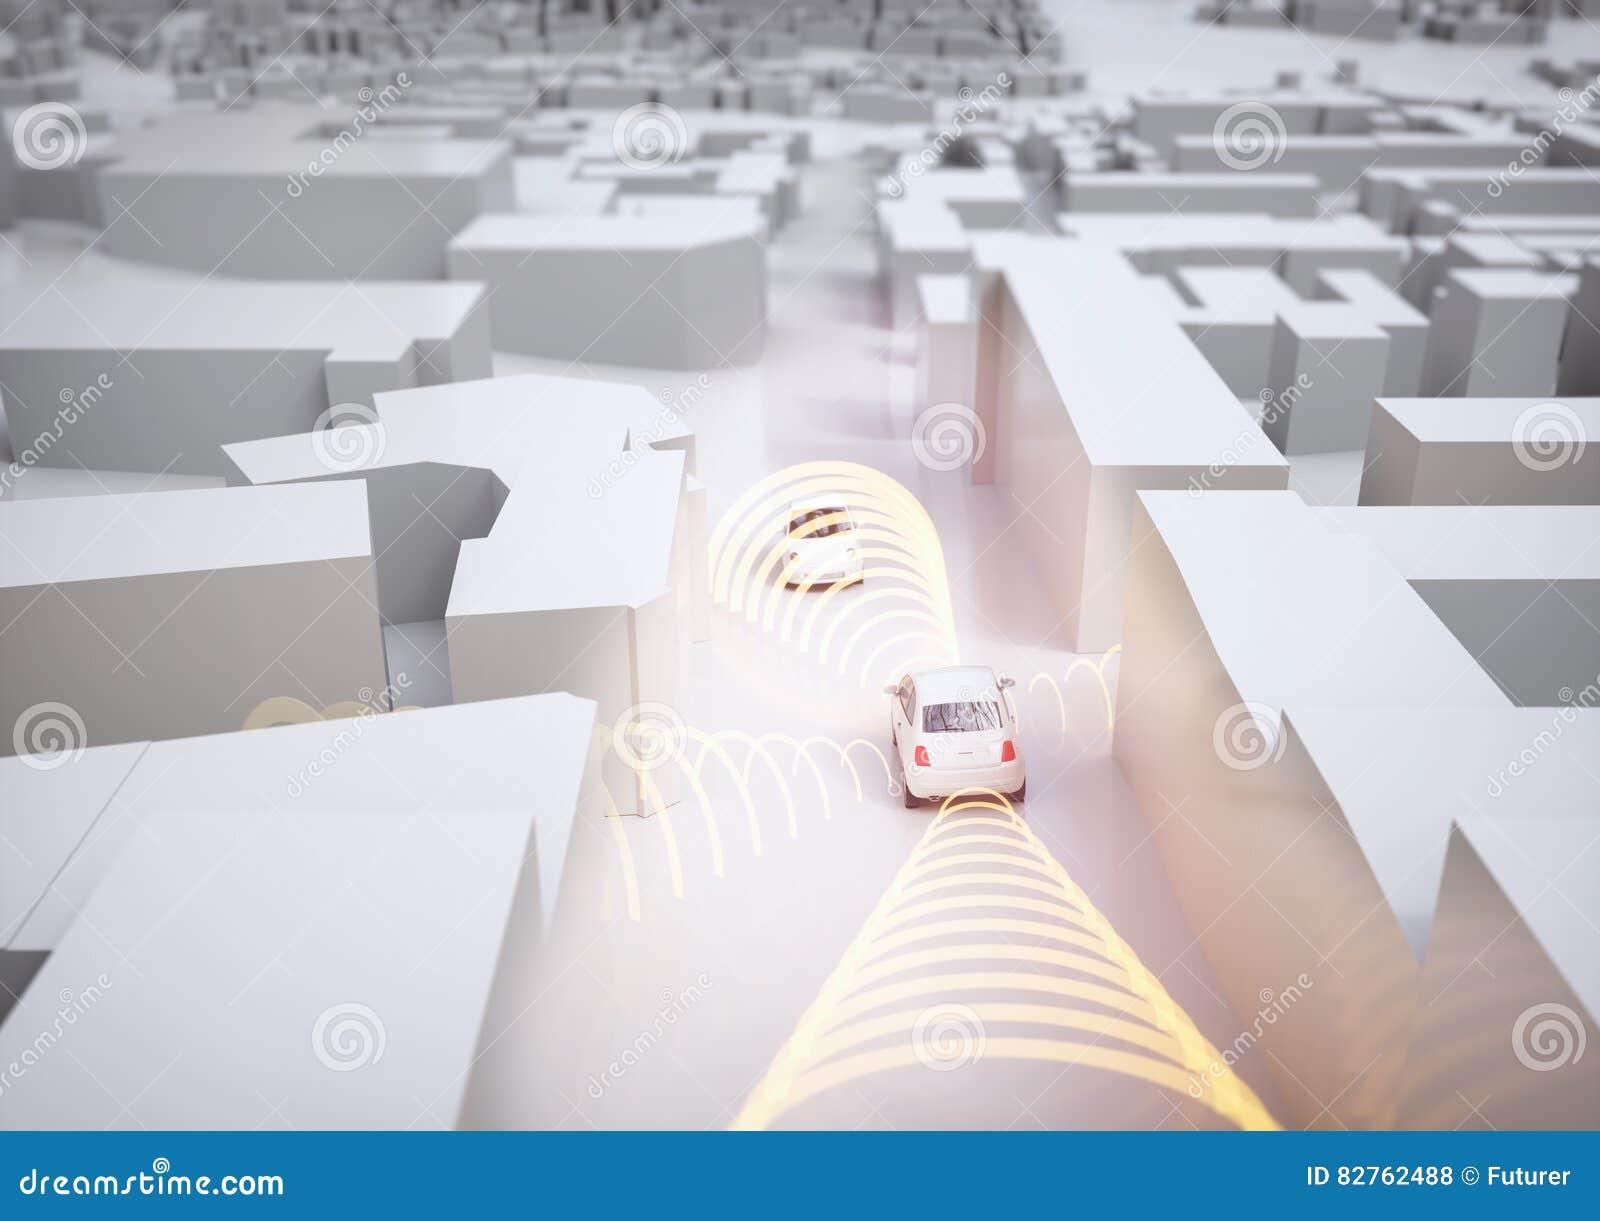 Αυτοκίνητο Selfdriving στη δράση - τρισδιάστατη απόδοση